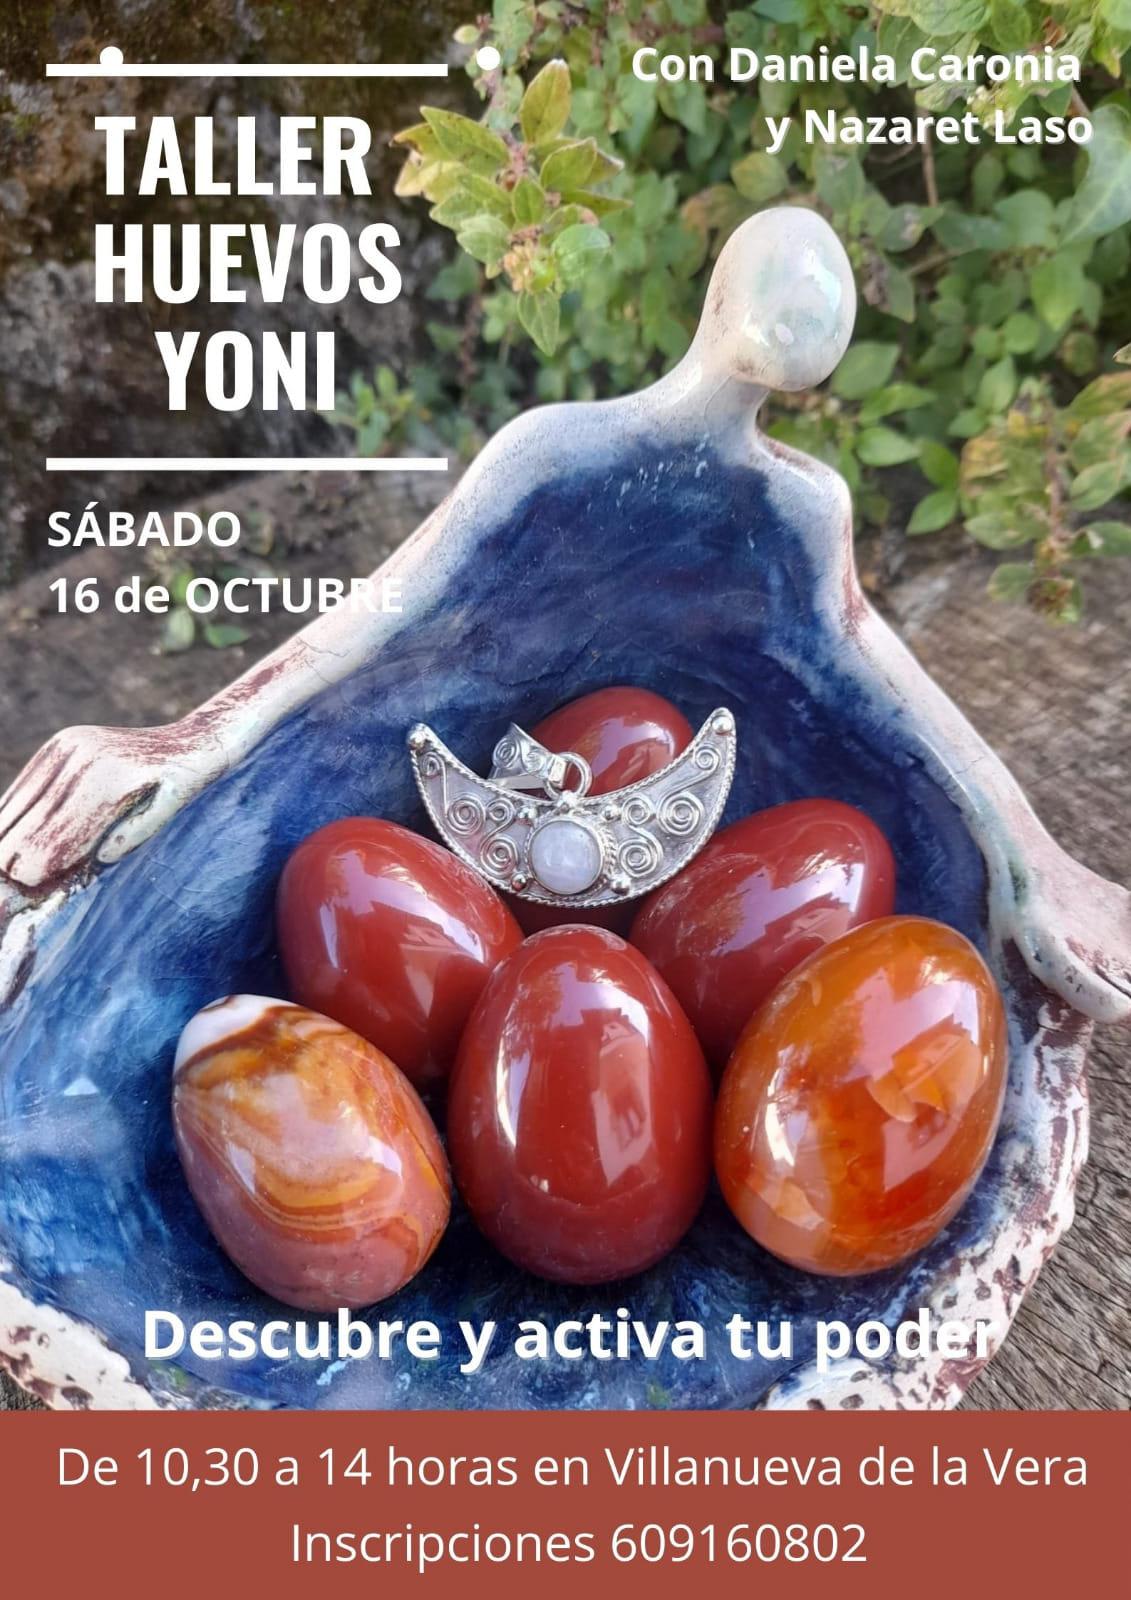 Taller Huevos Yoni 16 de octubre